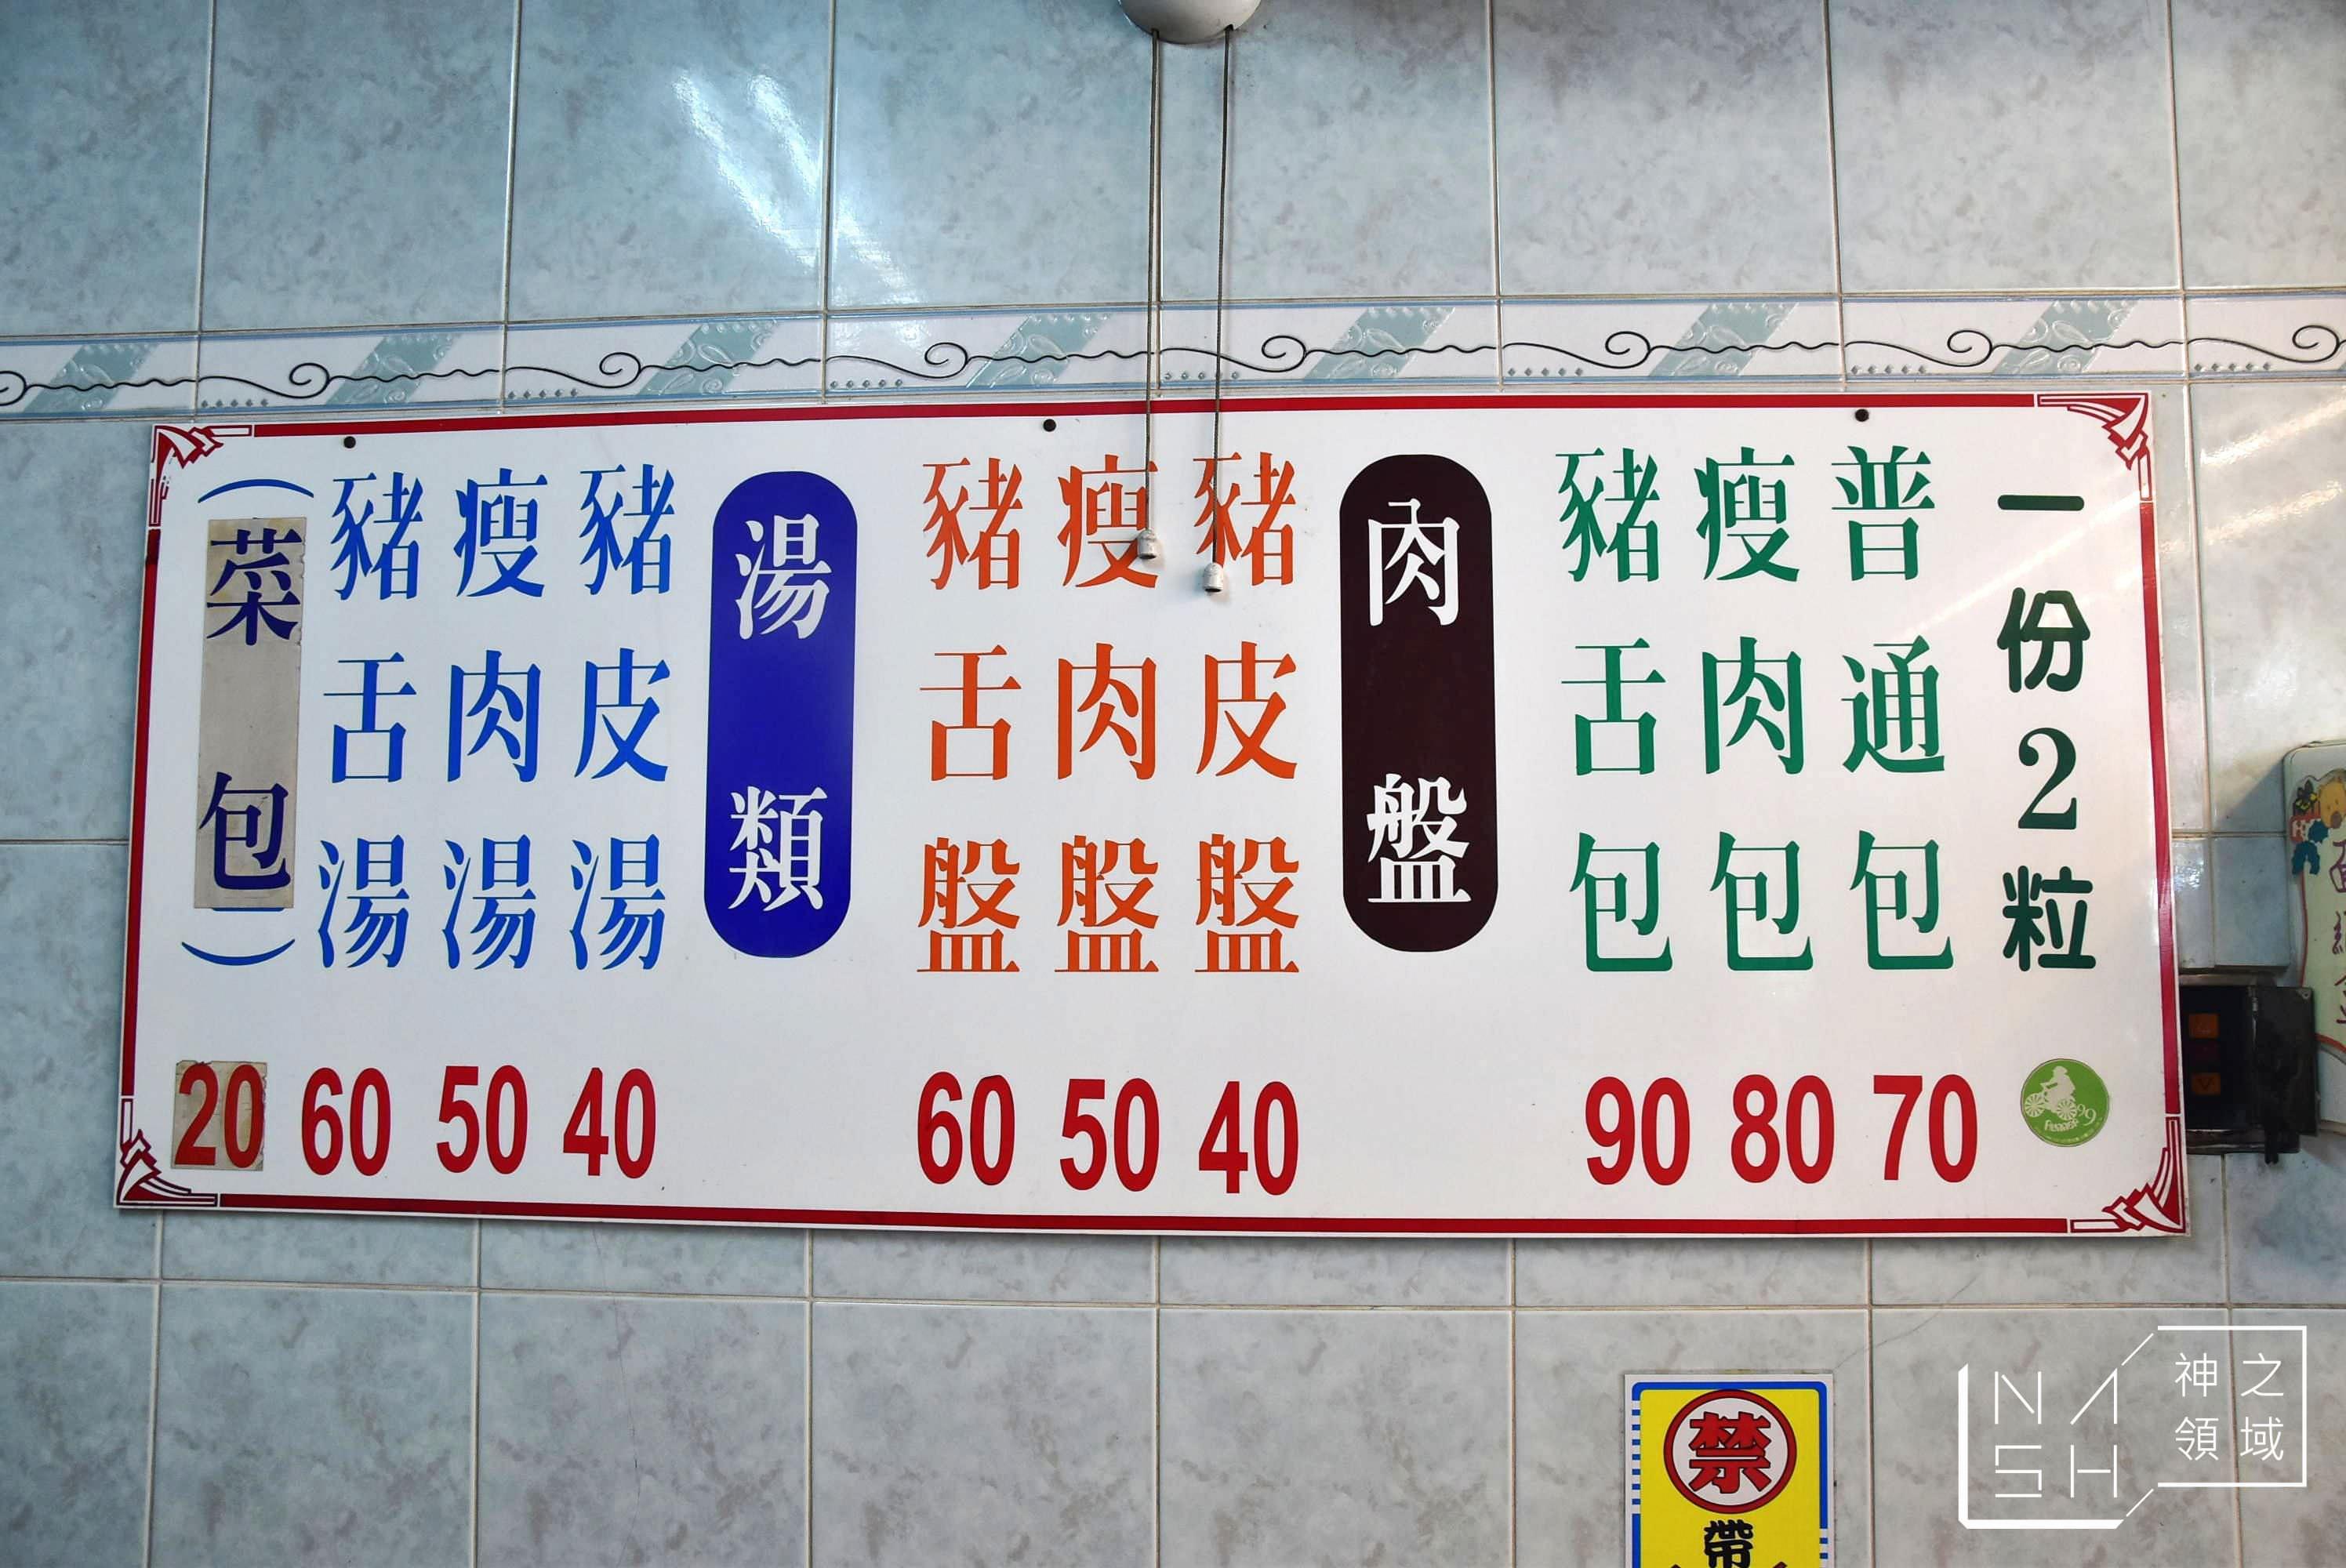 阿松割包,台南國華街美食推薦,國華街美食推薦,永樂市場美食